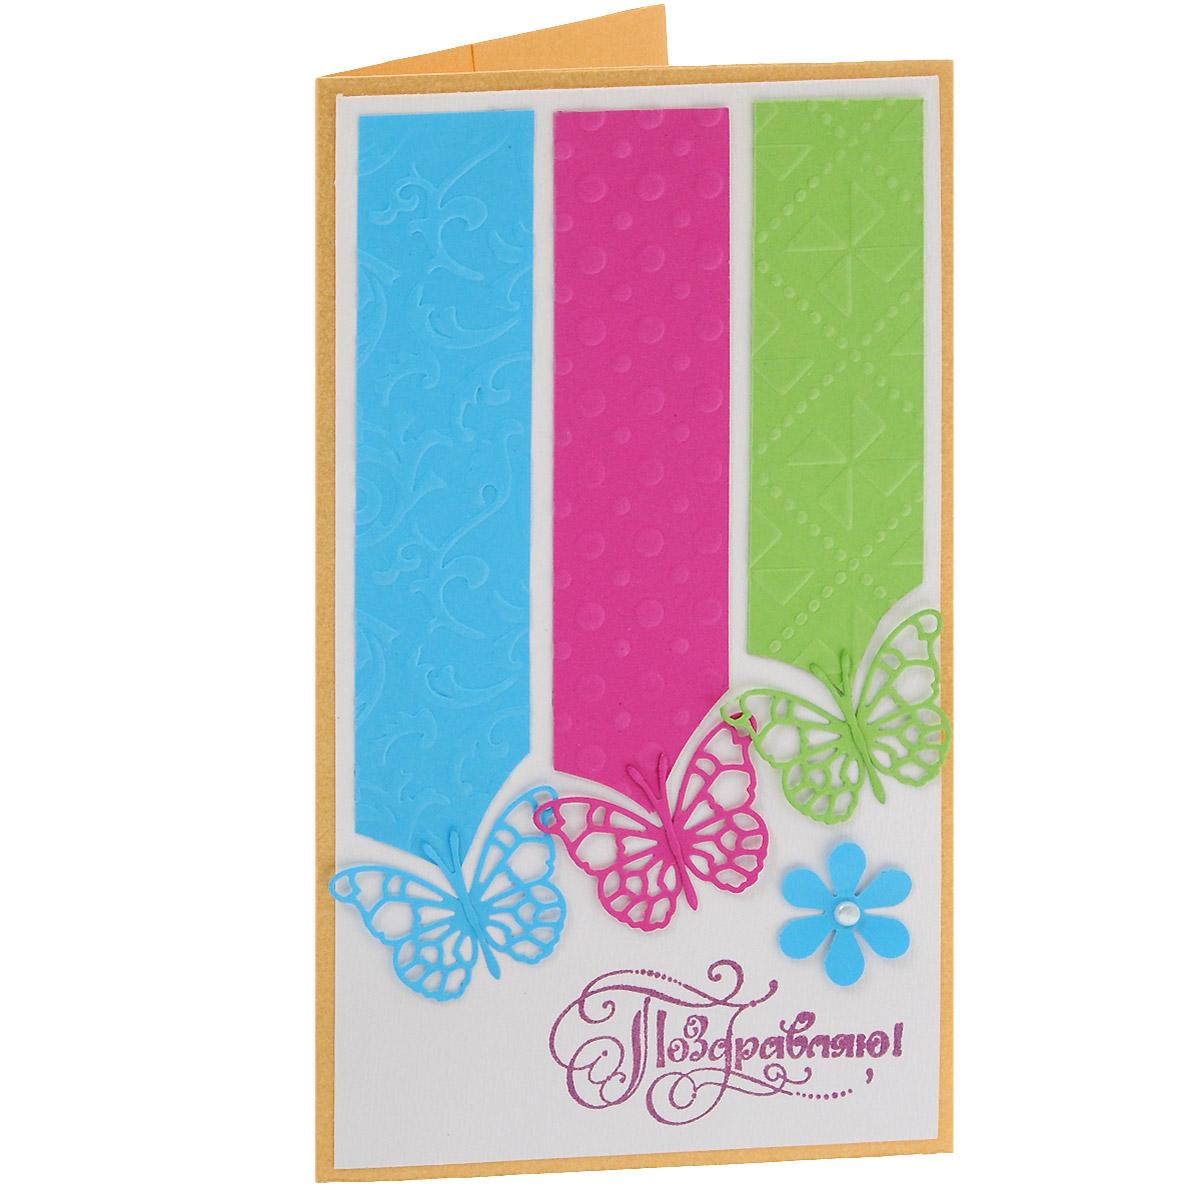 ОЖ-0006 Открытка-конверт «Поздравляю!» (полосы и бабочки). Студия «Тётя Роза»94016Характеристики: Размер 19 см x 11 см.Материал: Высоко-художественный картон, бумага, декор. Данная открытка может стать как прекрасным дополнением к вашему подарку, так и самостоятельным подарком. Так как открытка является и конвертом, в который вы можете вложить ваш денежный подарок или просто написать ваши пожелания на вкладыше. Открытка выполнена на желто-золотистом фоне. Три ярких ажурных бабочки делят лицевую часть на яркие, разноцветные дорожки, тисненные разными рельефными мотивами. Объемный цветочек украшен полубусинкой. Также открытка упакована в пакетик для сохранности.Обращаем Ваше внимание на то, что открытка может незначительно отличаться от представленной на фото.Открытки ручной работы от студии Тётя Роза отличаются своим неповторимым и ярким стилем. Каждая уникальна и выполнена вручную мастерами студии. (Открытка для мужчин, открытка для женщины, открытка на день рождения, открытка с днем свадьбы, открытка винтаж, открытка с юбилеем, открытка на все случаи, скрапбукинг)